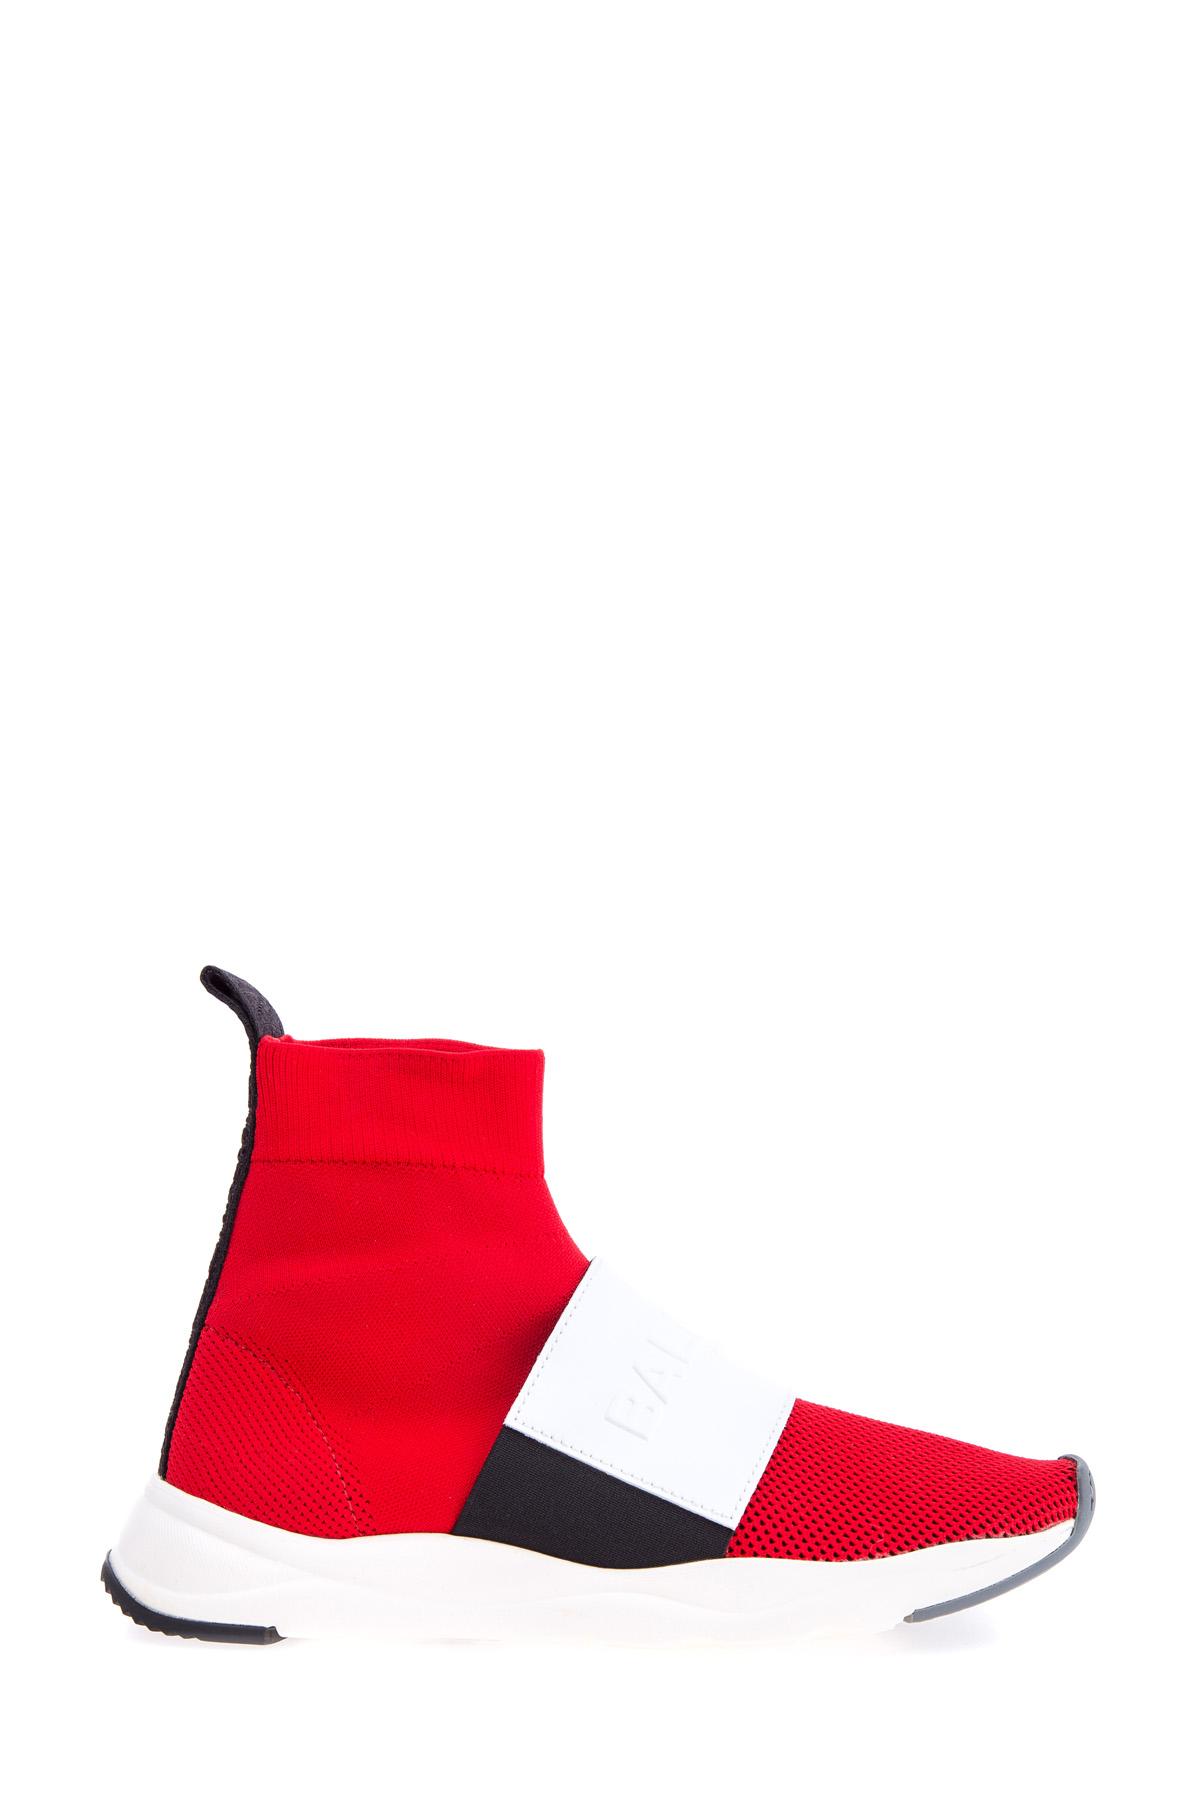 Купить со скидкой Мембранные кроссовки с кожаной отделкой и массивной подошвой